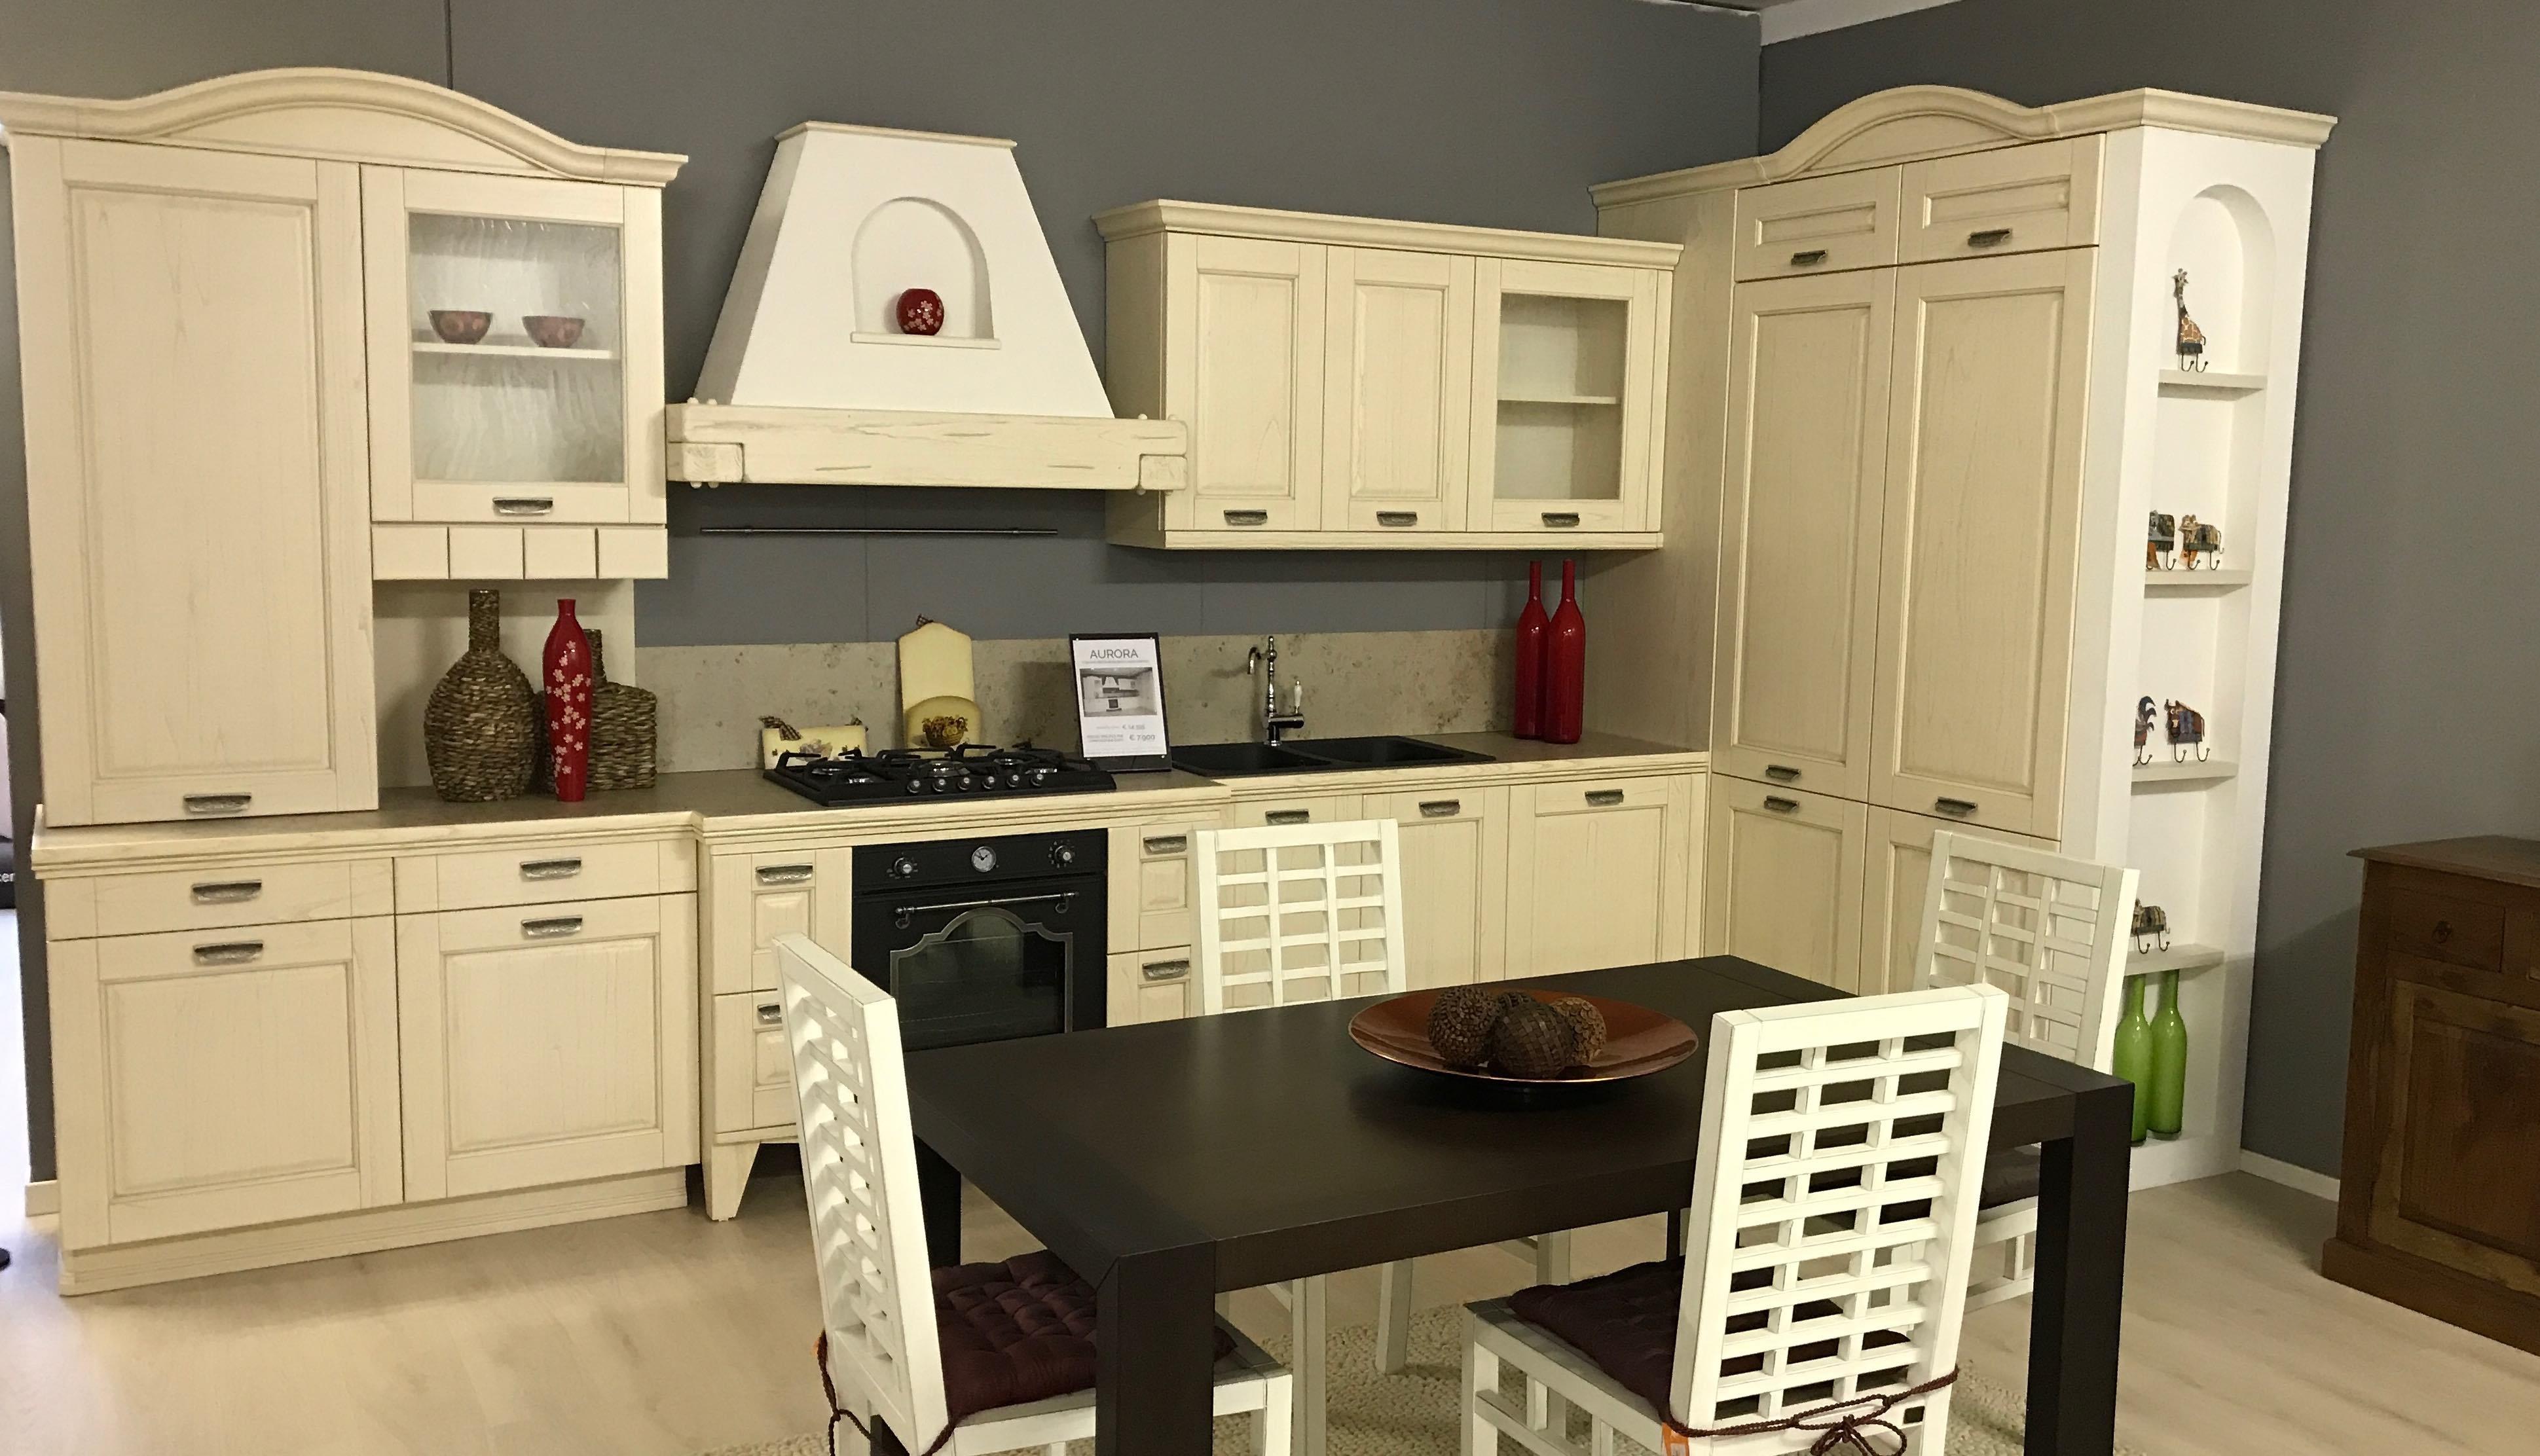 Cucina classica ad angolo cucine a prezzi scontati - Cucine ad angolo usate ...